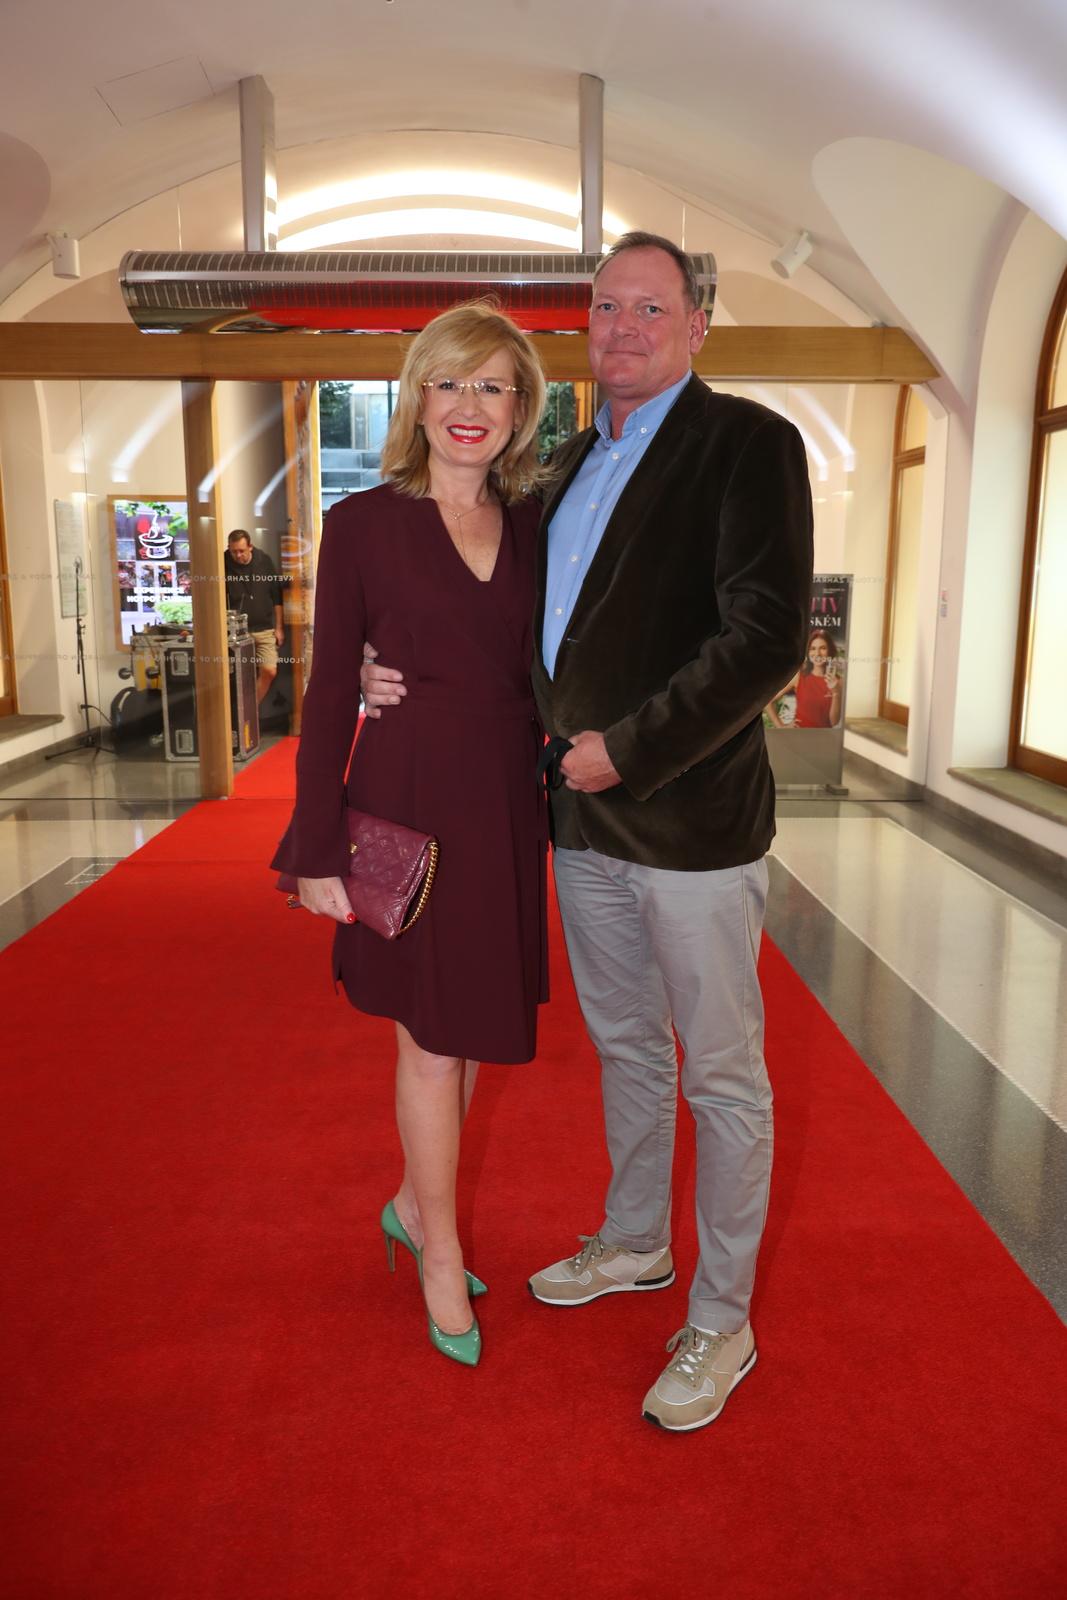 Předpremiéra filmu KAREL na Febiofest přilákala řadu vzácných hostů: Štěpánka Duchková s manželem.